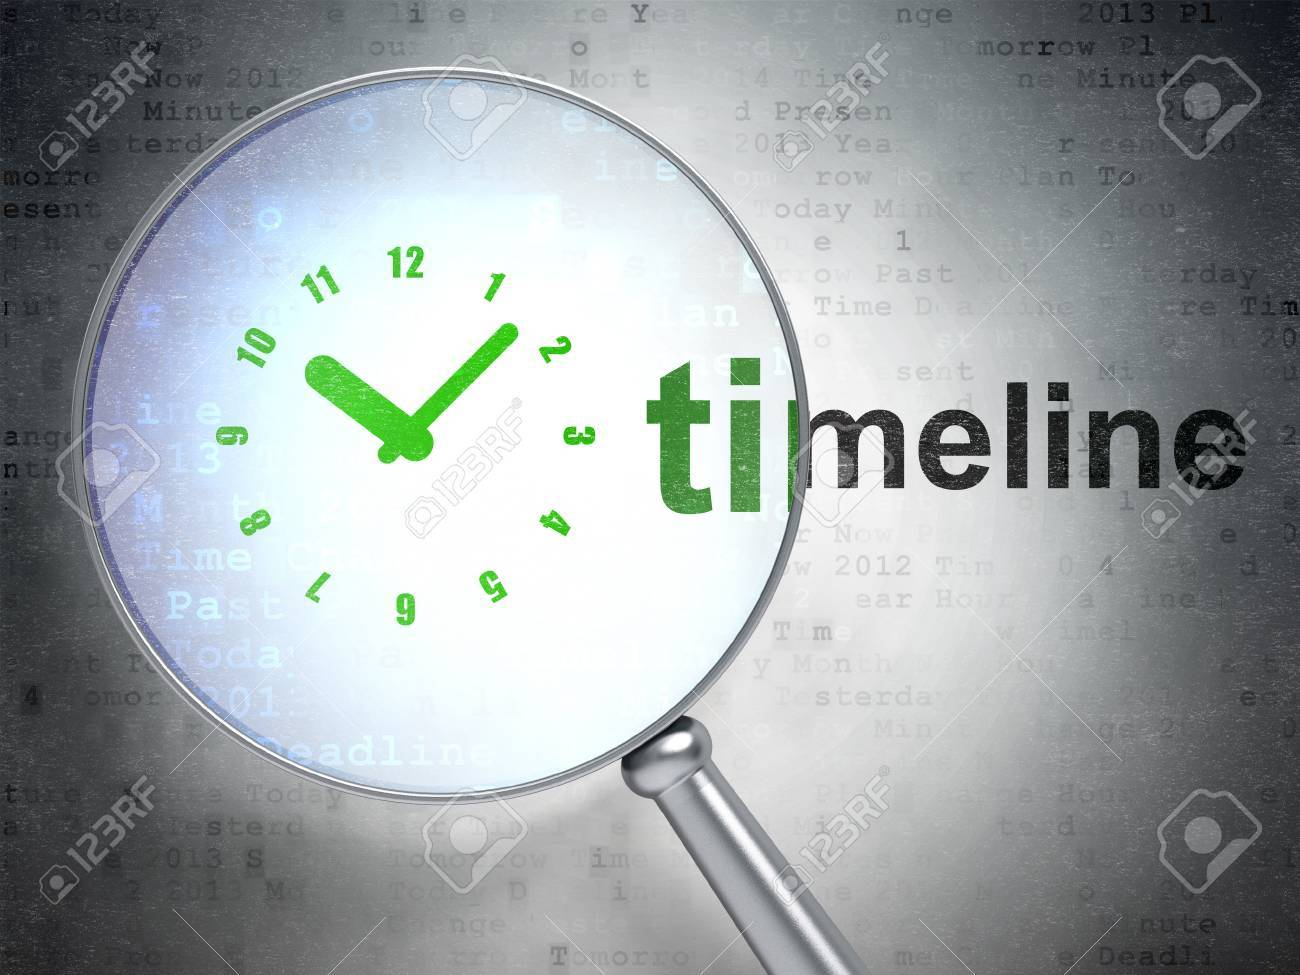 Sobre Del Palabra Fondo Reloj Y De Digital3d El Con Concepto Cronograma TiempoLupa Óptica Icono dtshQxrC